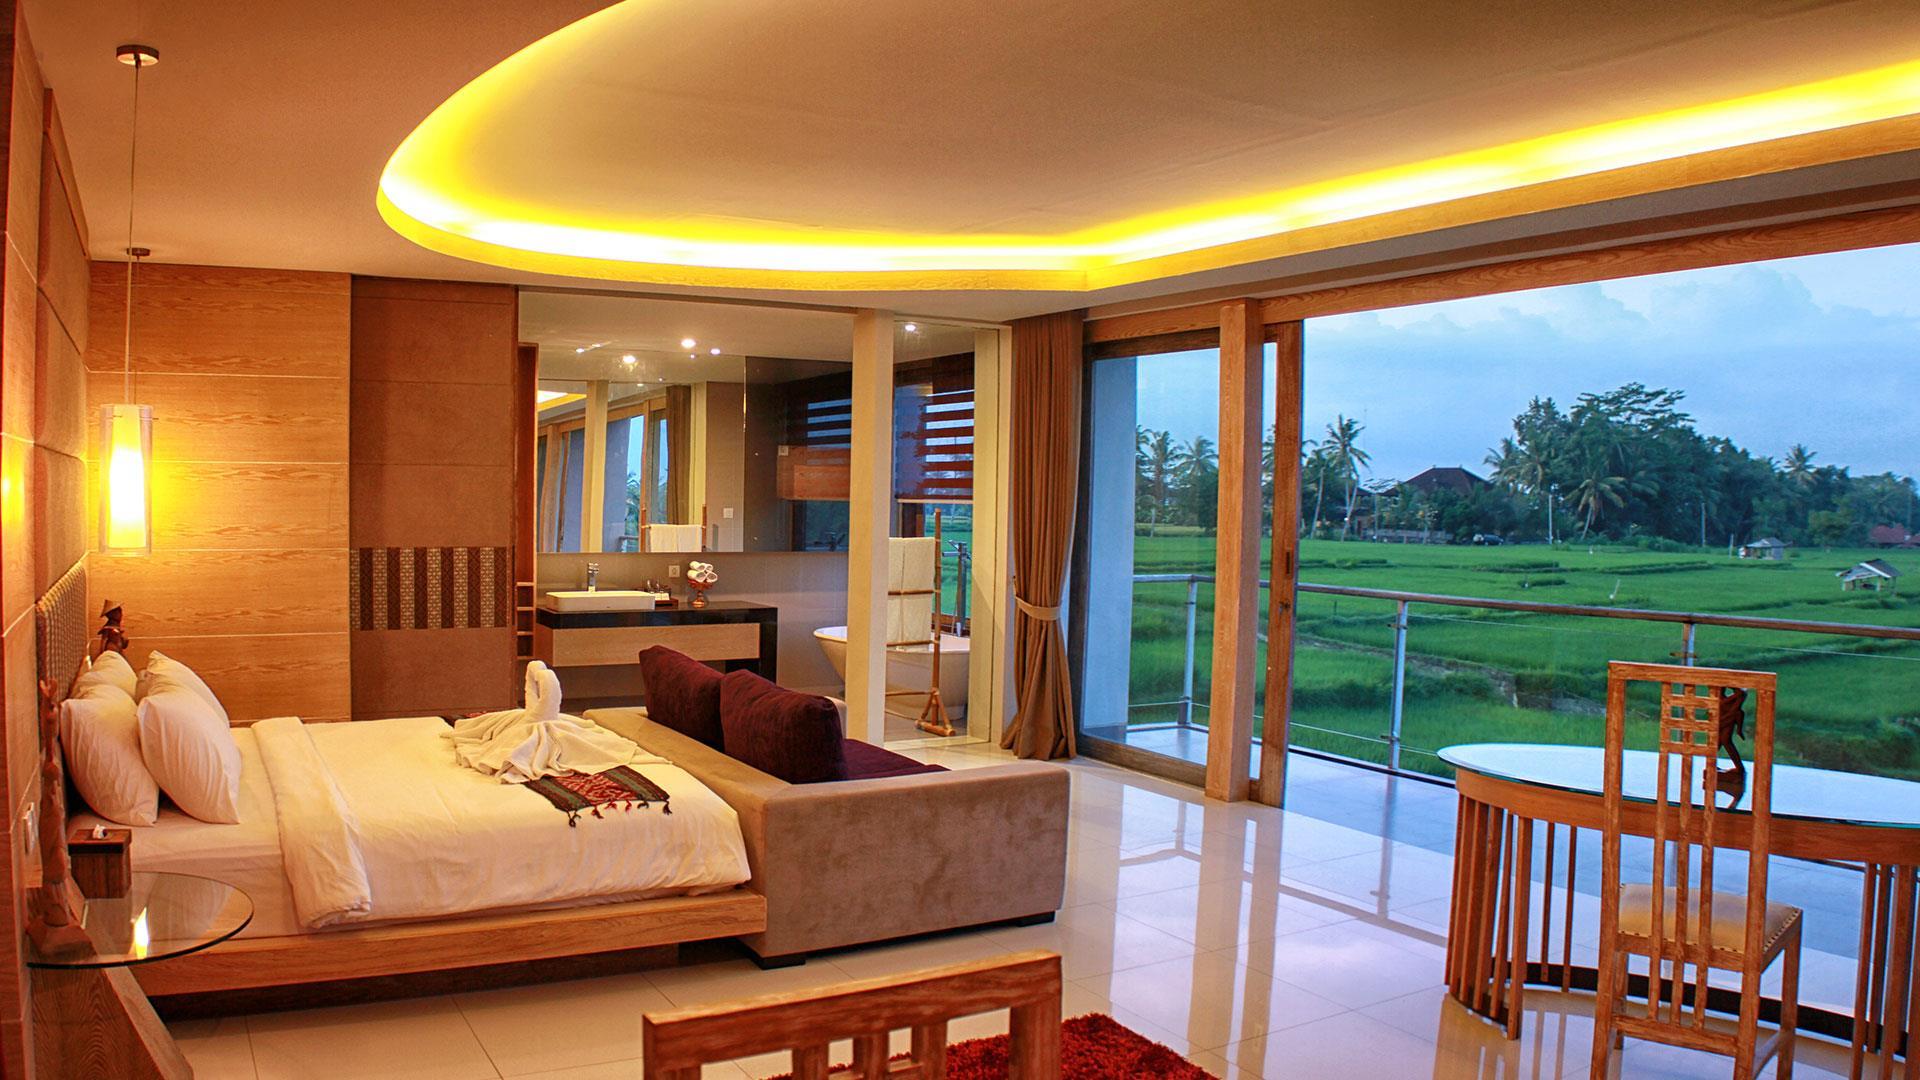 Green Fields Luxury Villas ホテル詳細